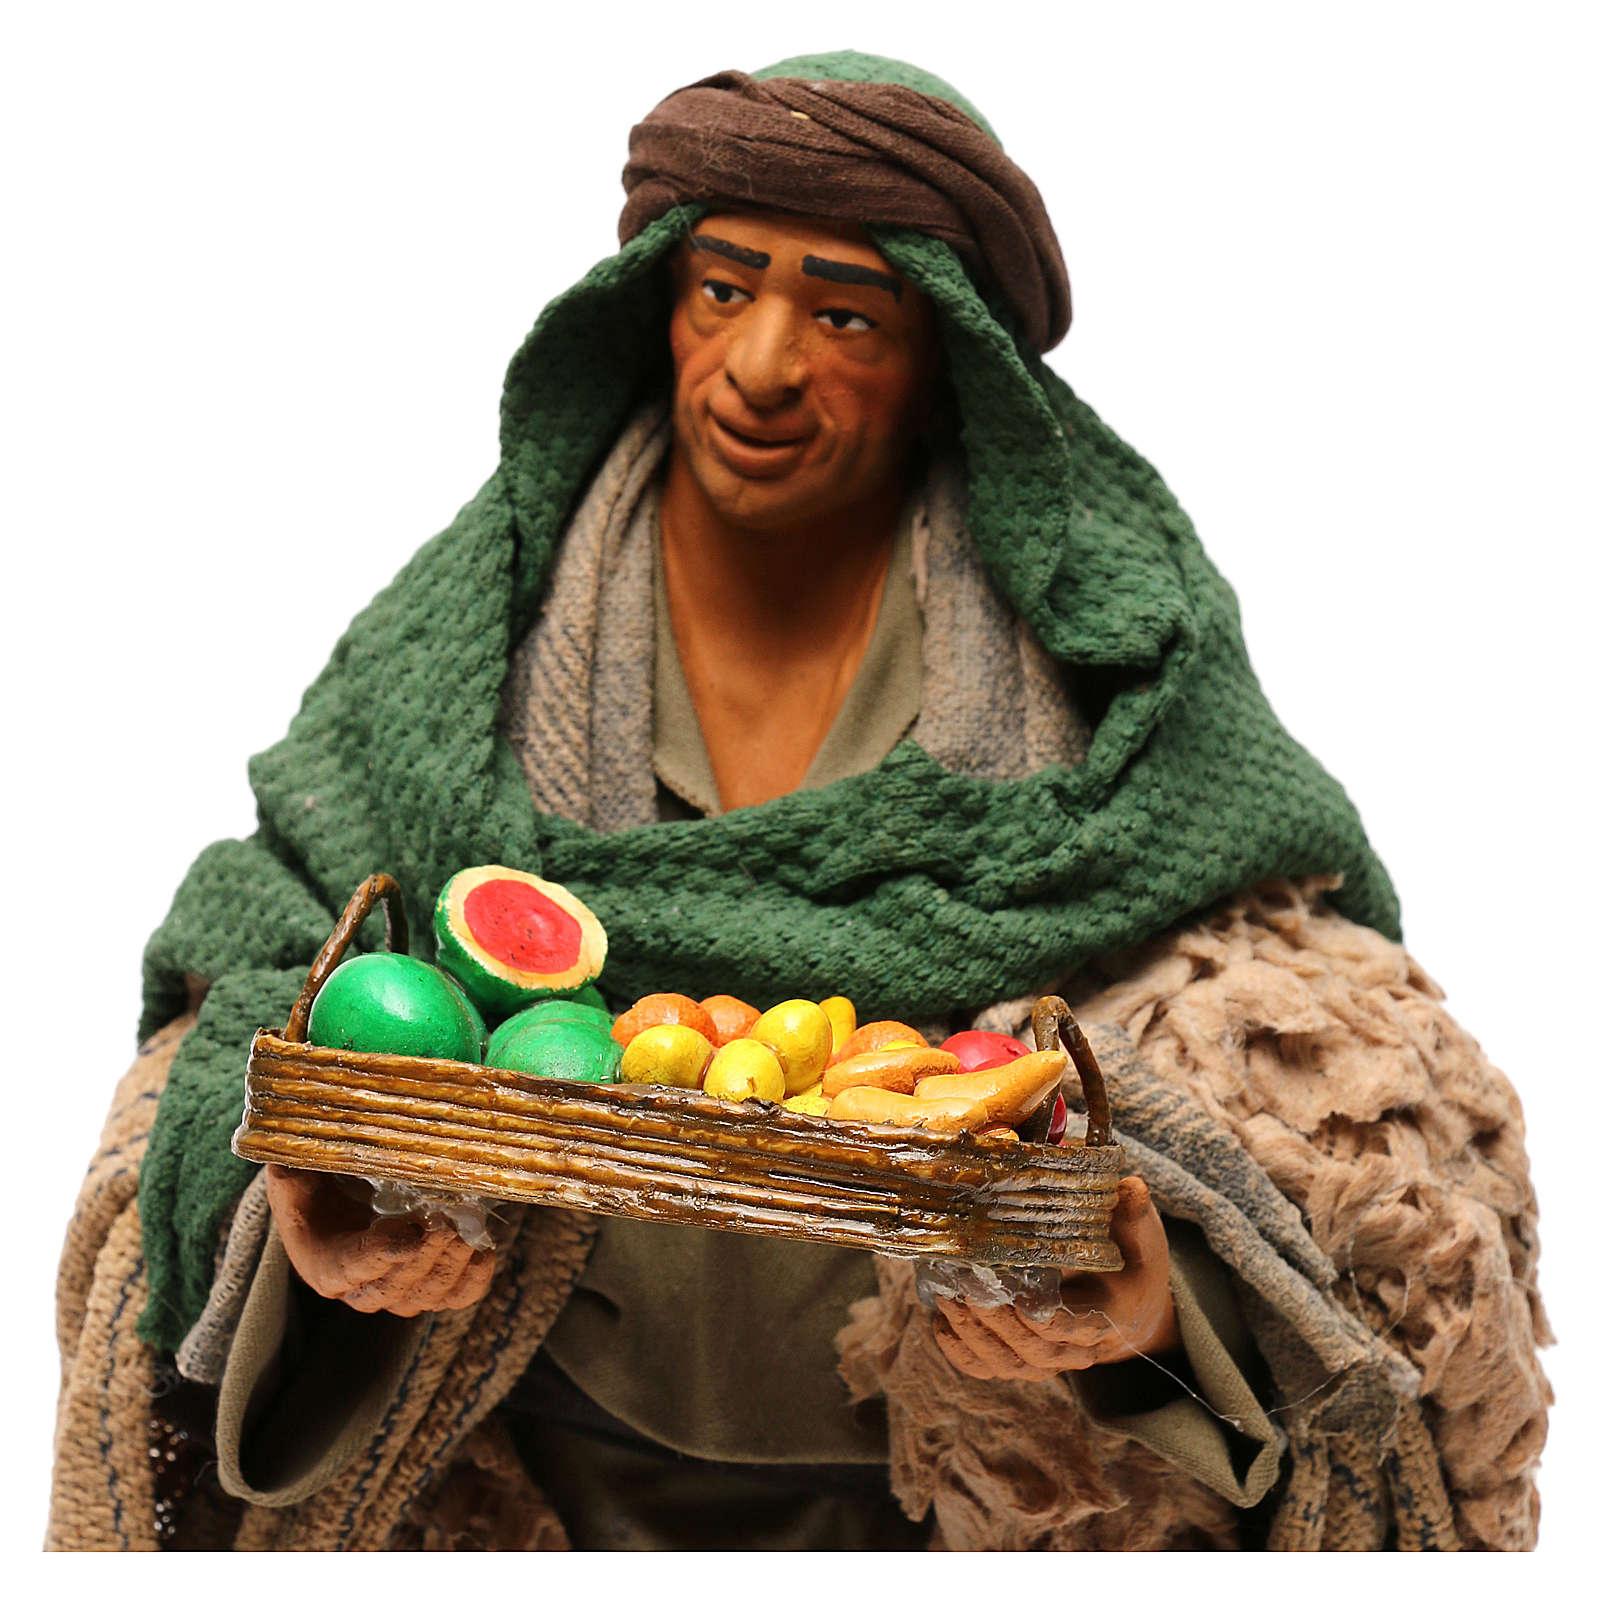 STOCK Pastore con frutta vestito in terracotta 30 cm presepe napoletano 4